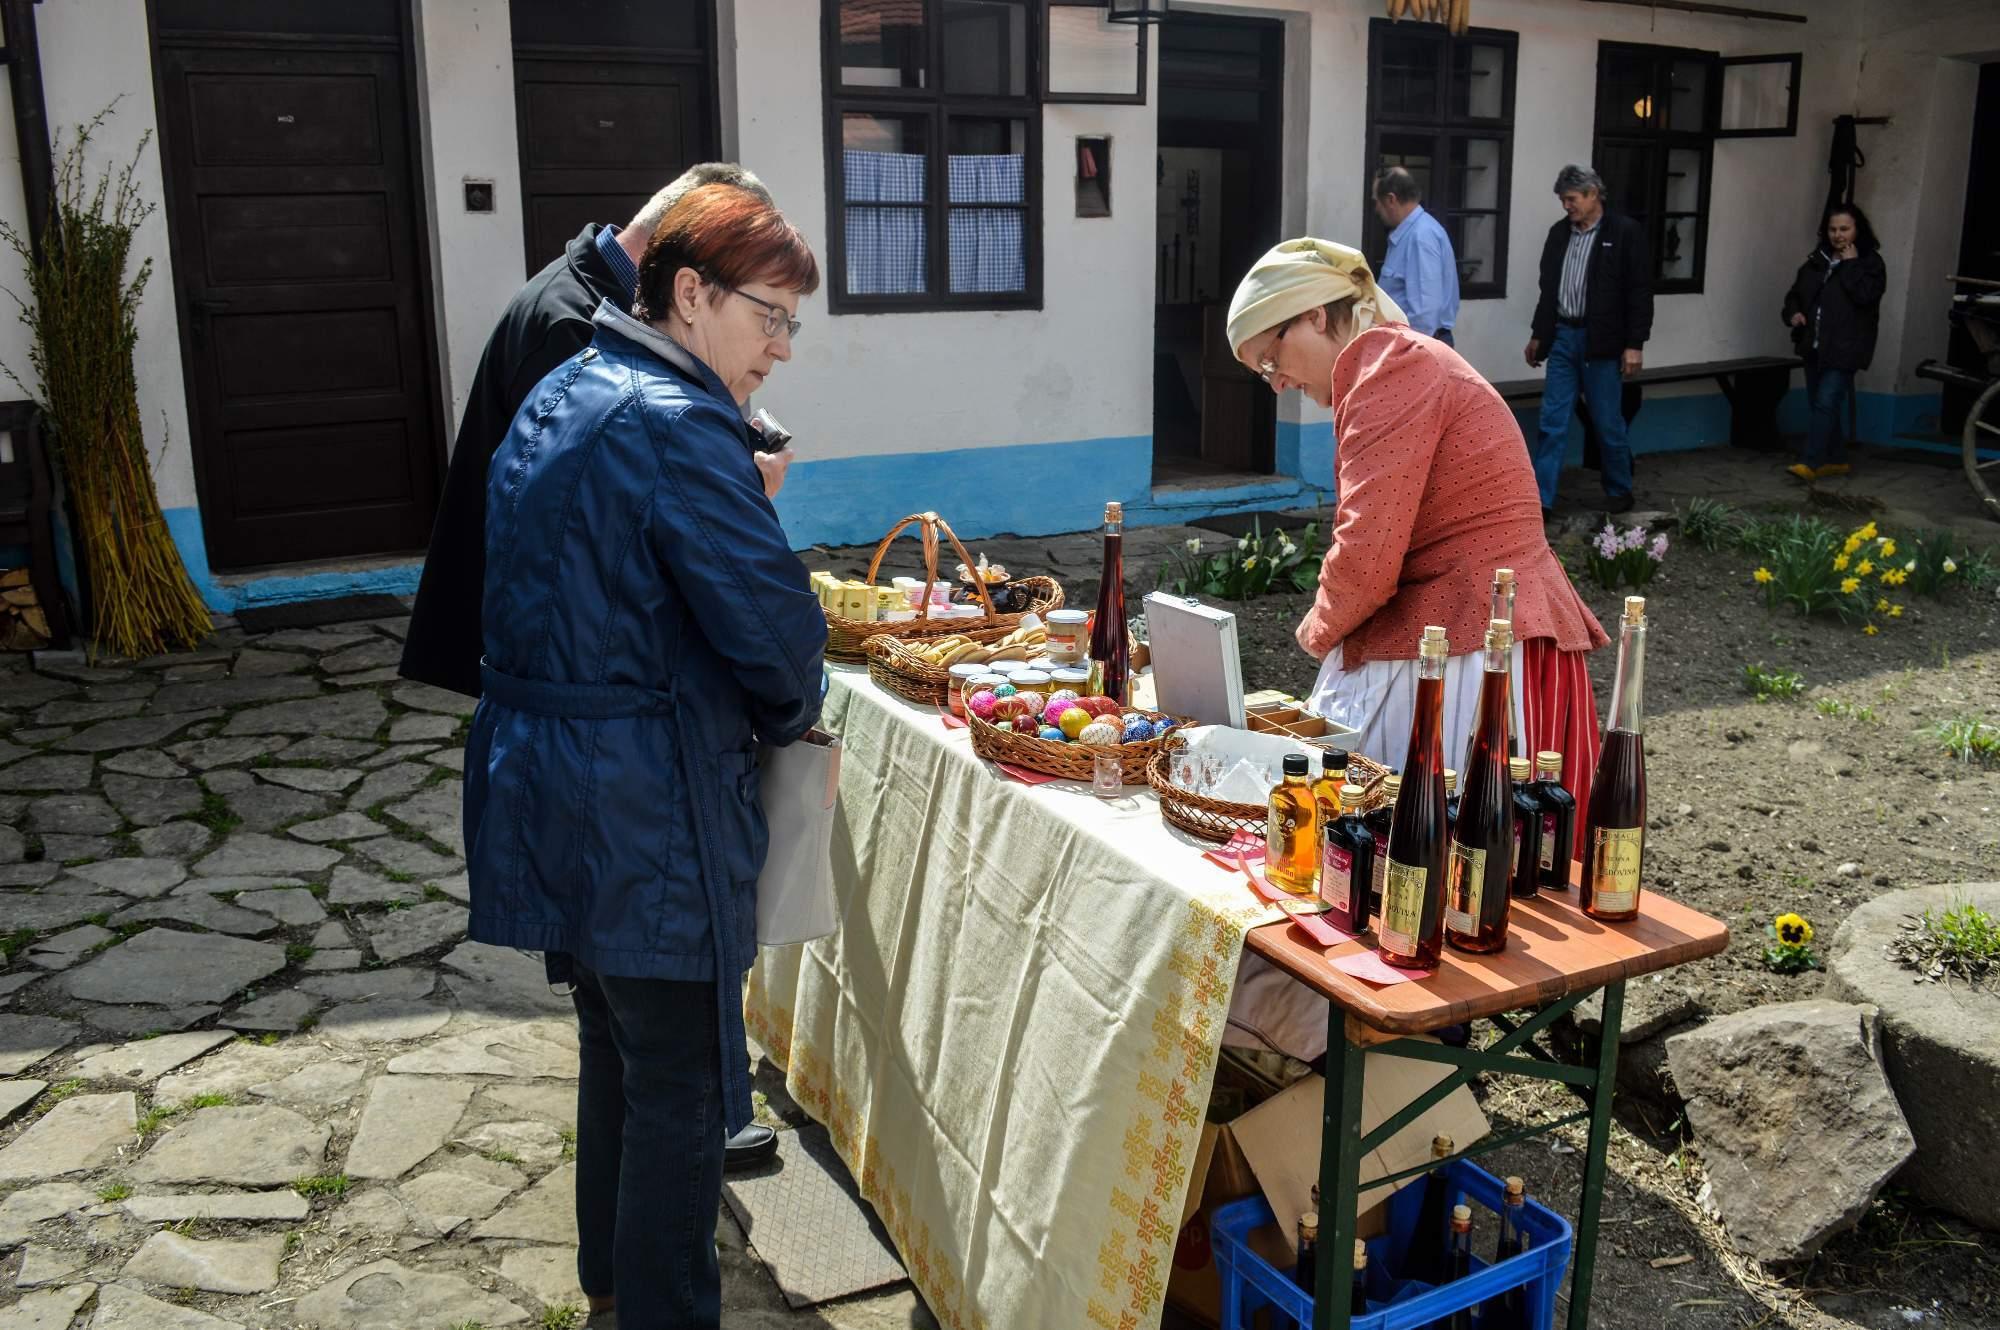 Prodavačka ve stánku nabízela medovinu a další výrobky. Foto: Eva Bartáková